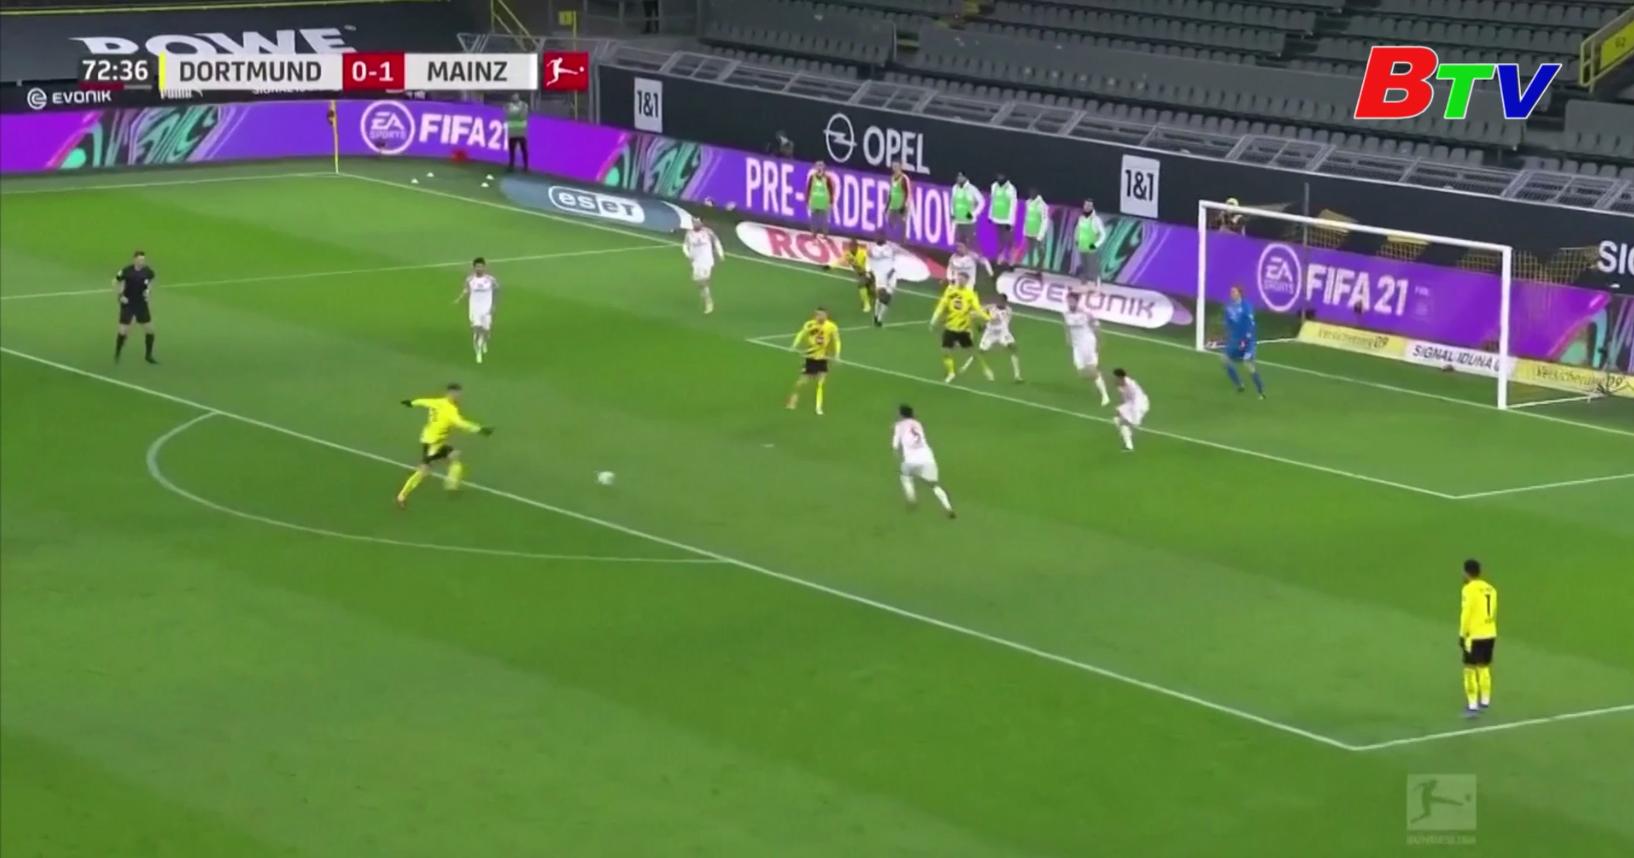 Vòng 16 Bundesliga – Borussia Dortmund 1-1 Mainz